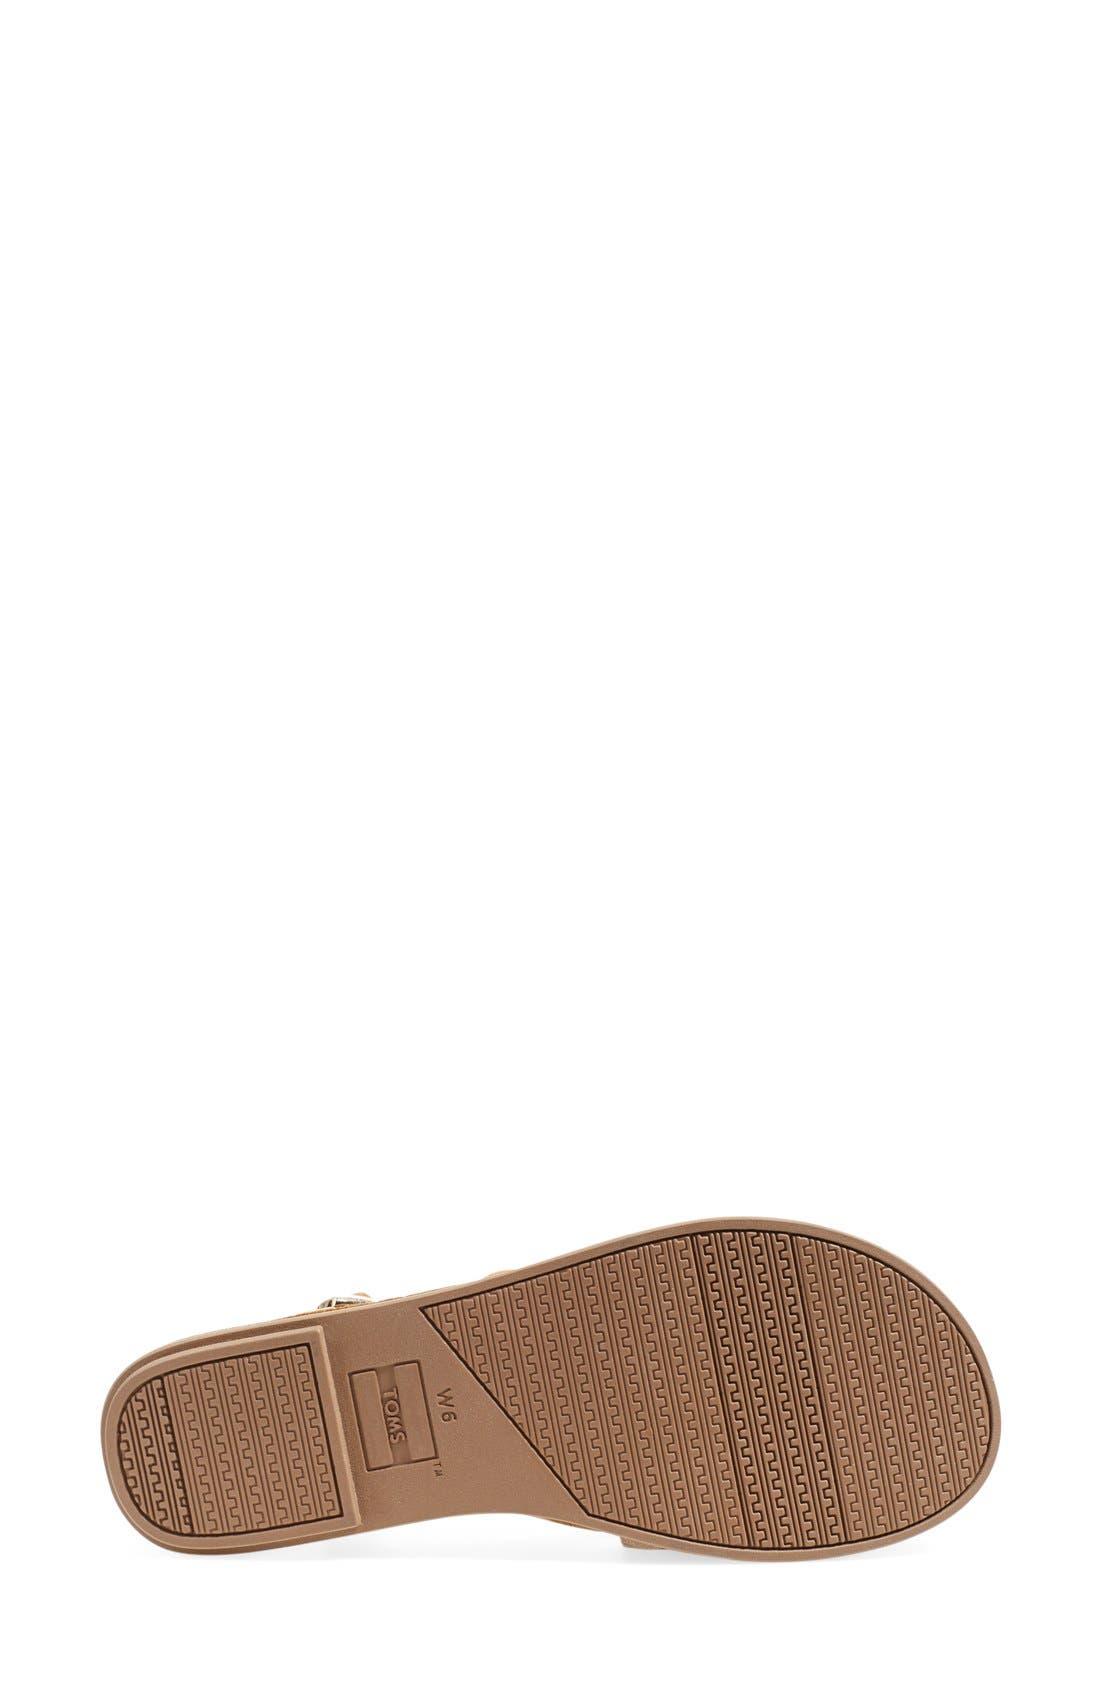 'Lexie' Sandal,                             Alternate thumbnail 4, color,                             Sandstorm Leather